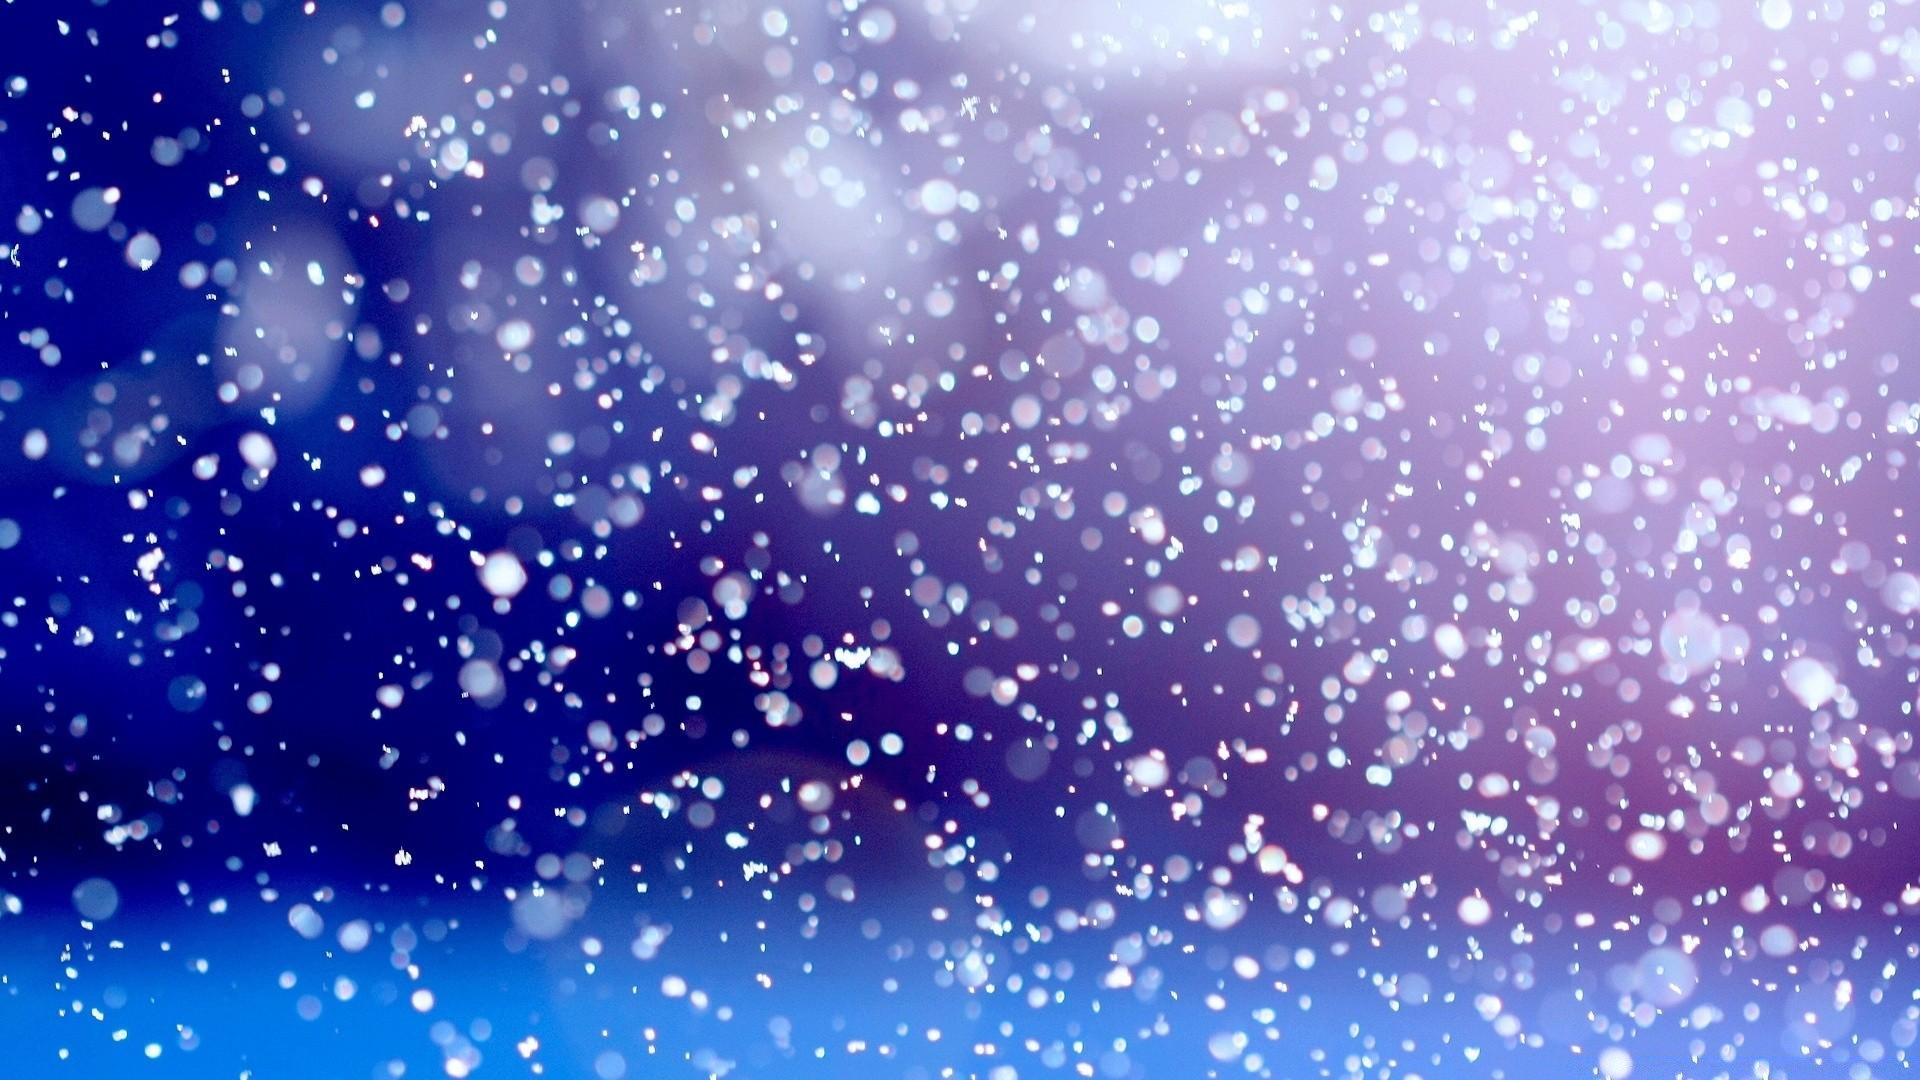 Обои на телефон падает снег